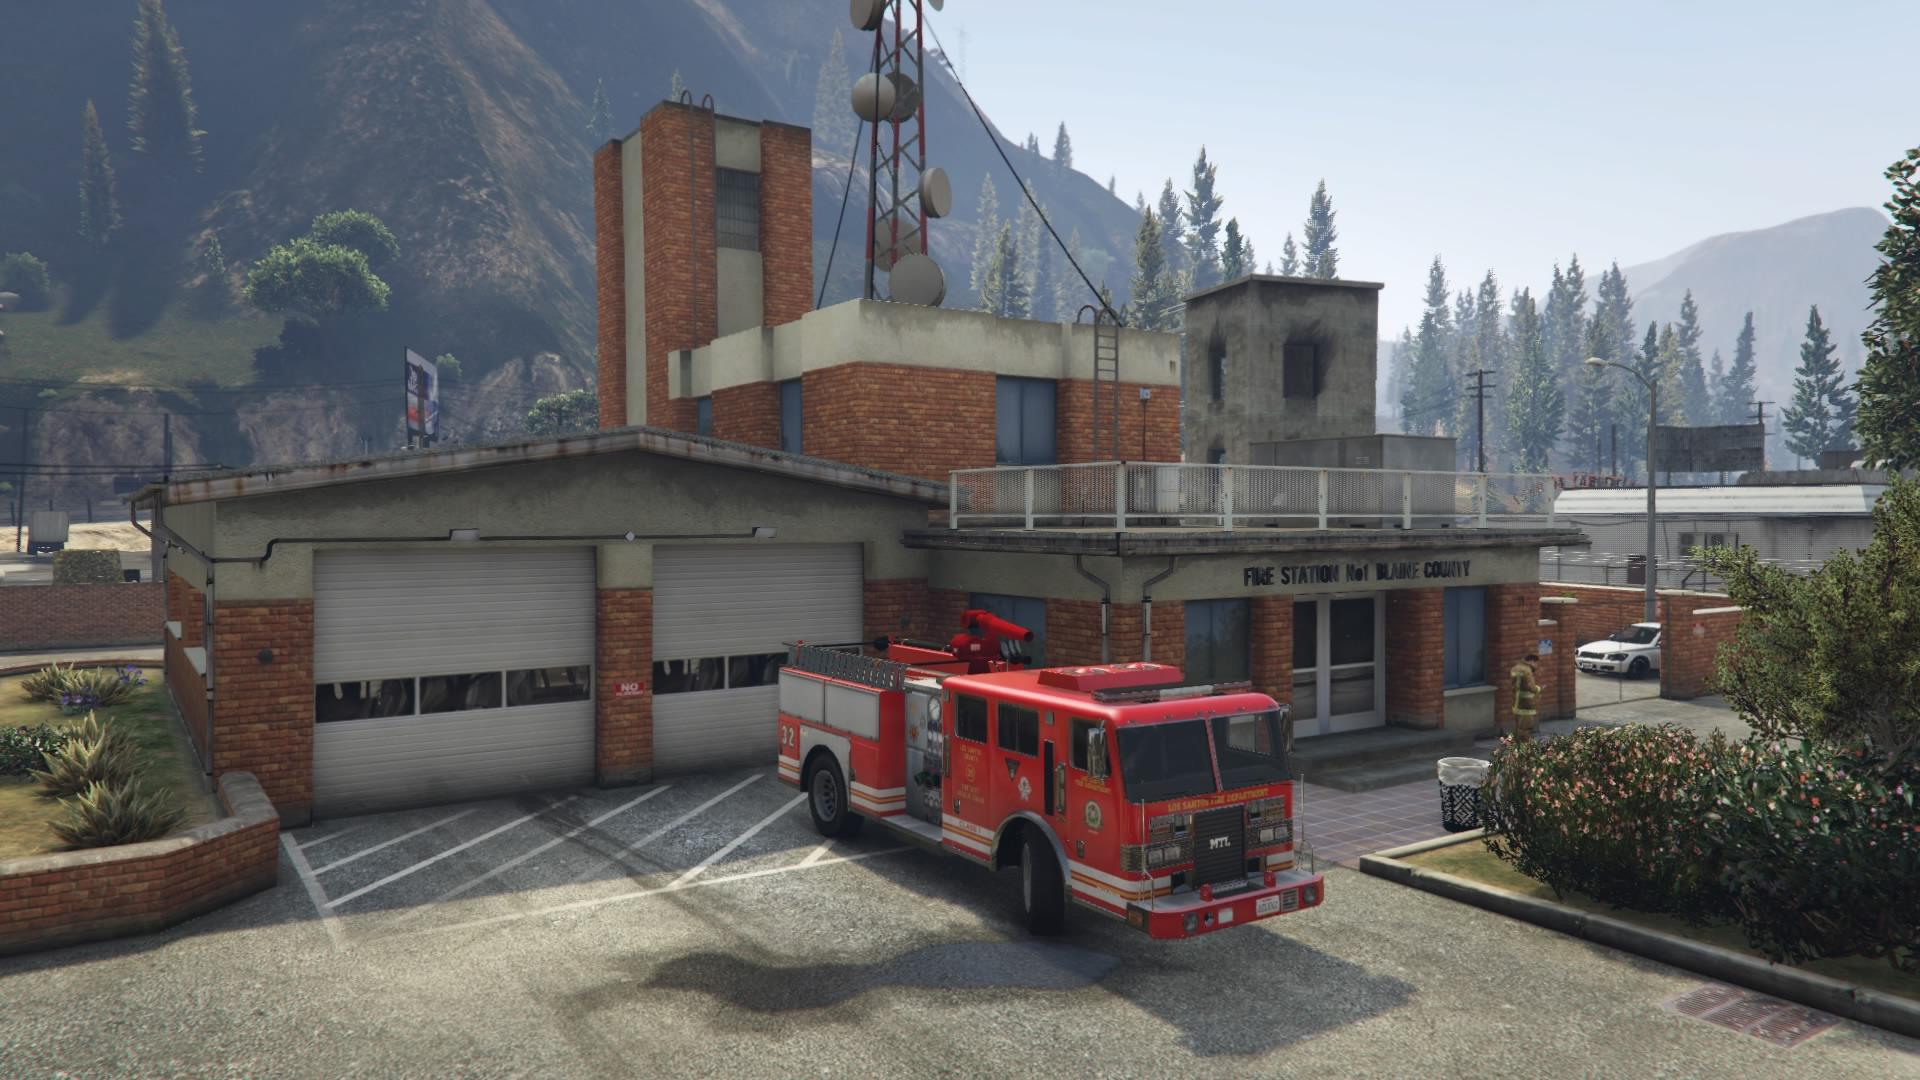 Paleto Bay Fire Station